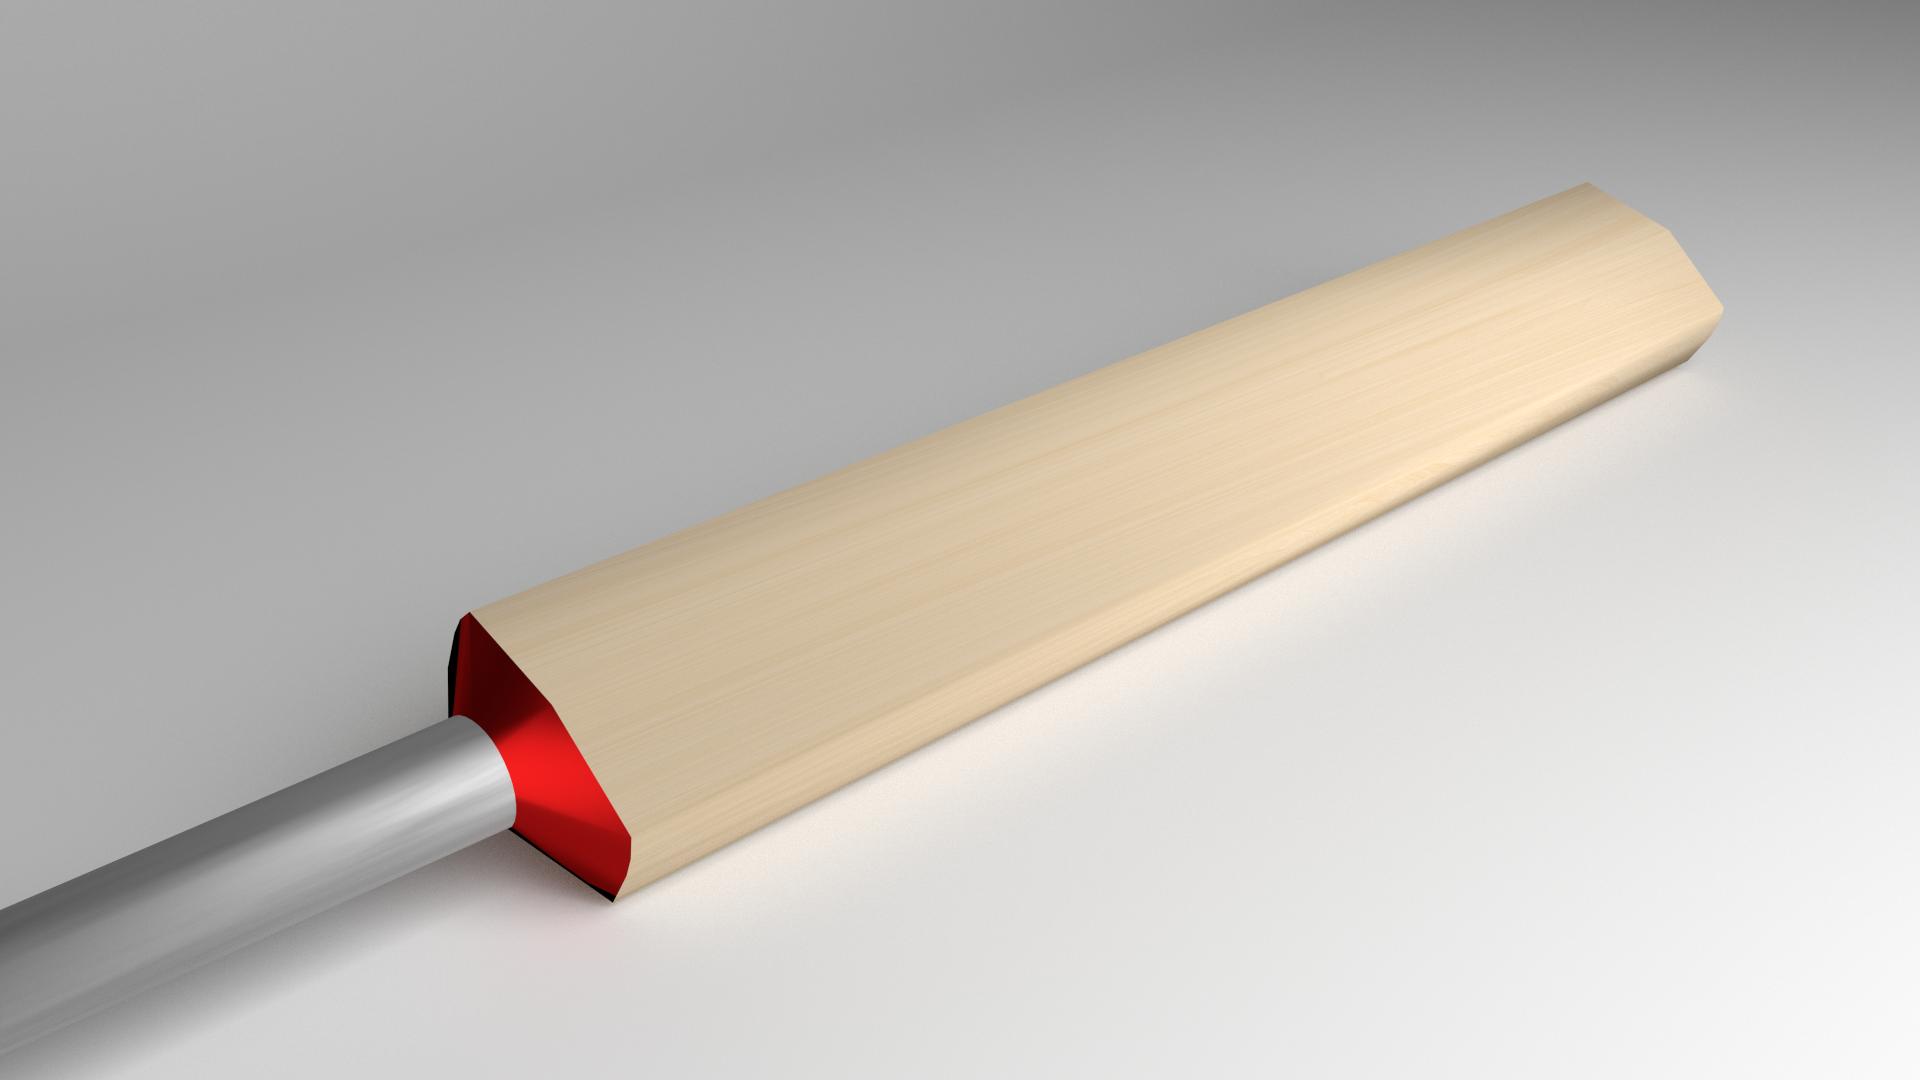 3D Modeled Cricket Bat - Cricket Bat PNG HD